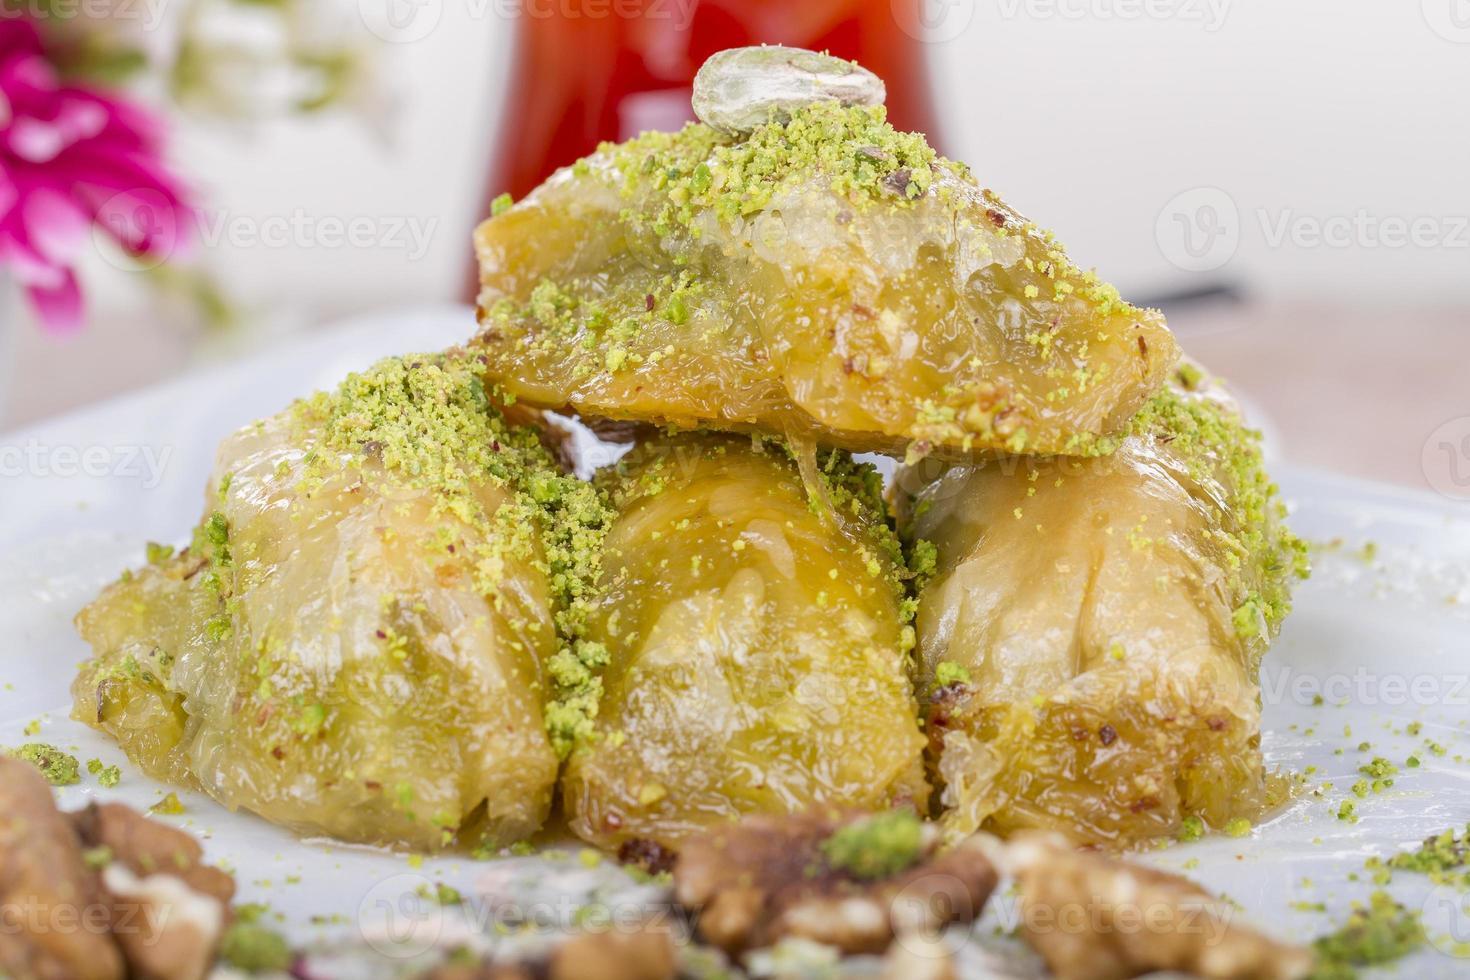 sobremesa árabe turca tradicional - baklava com mel e nozes foto